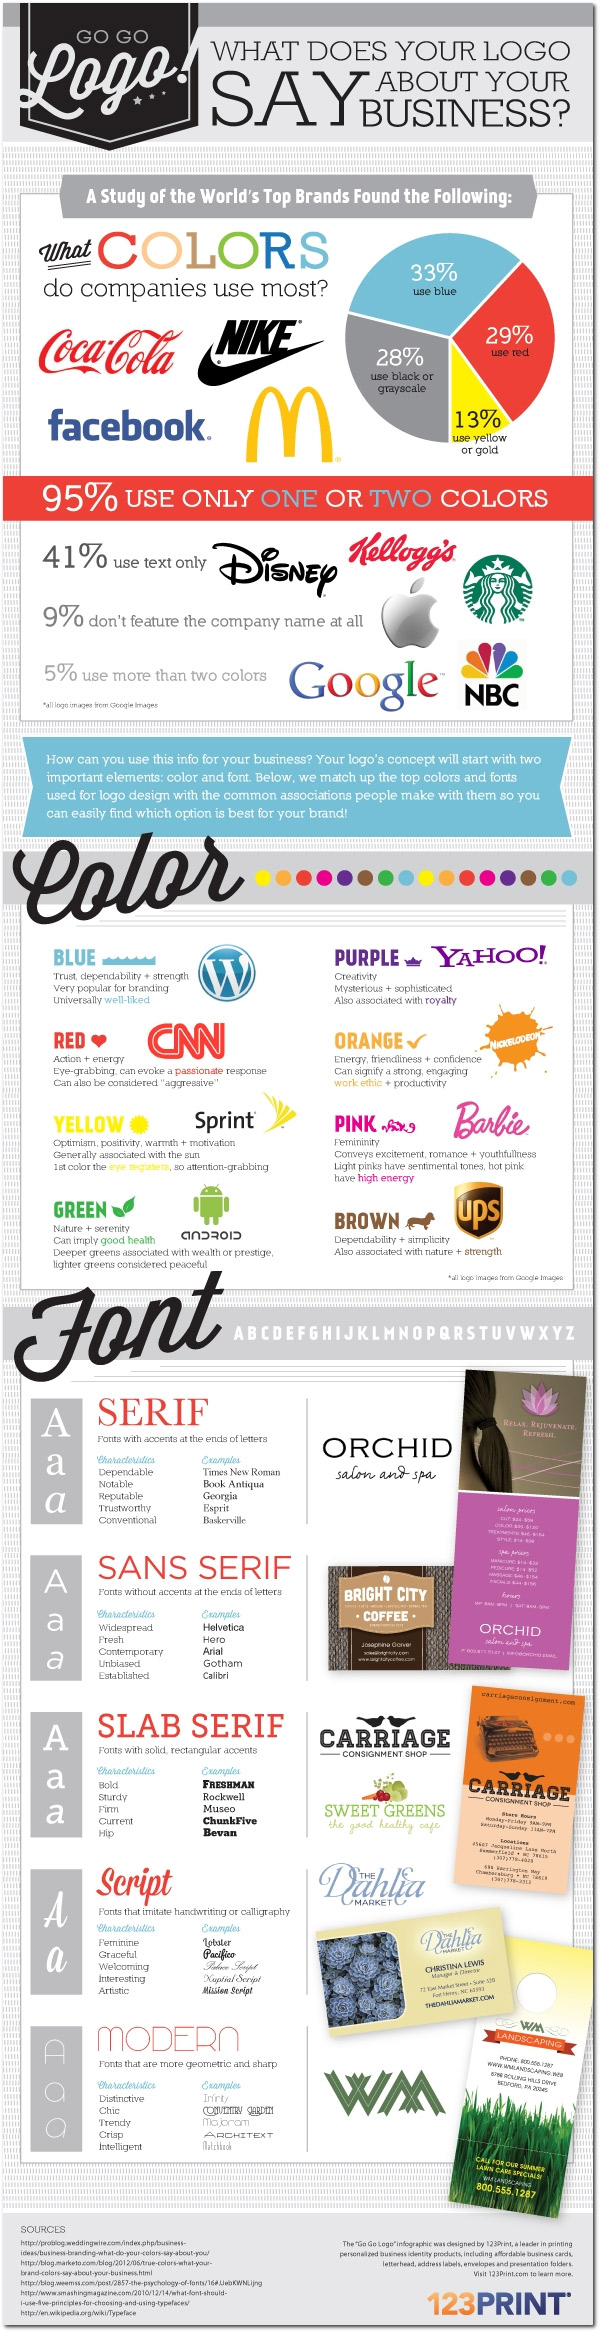 Ce que révèle votre logo